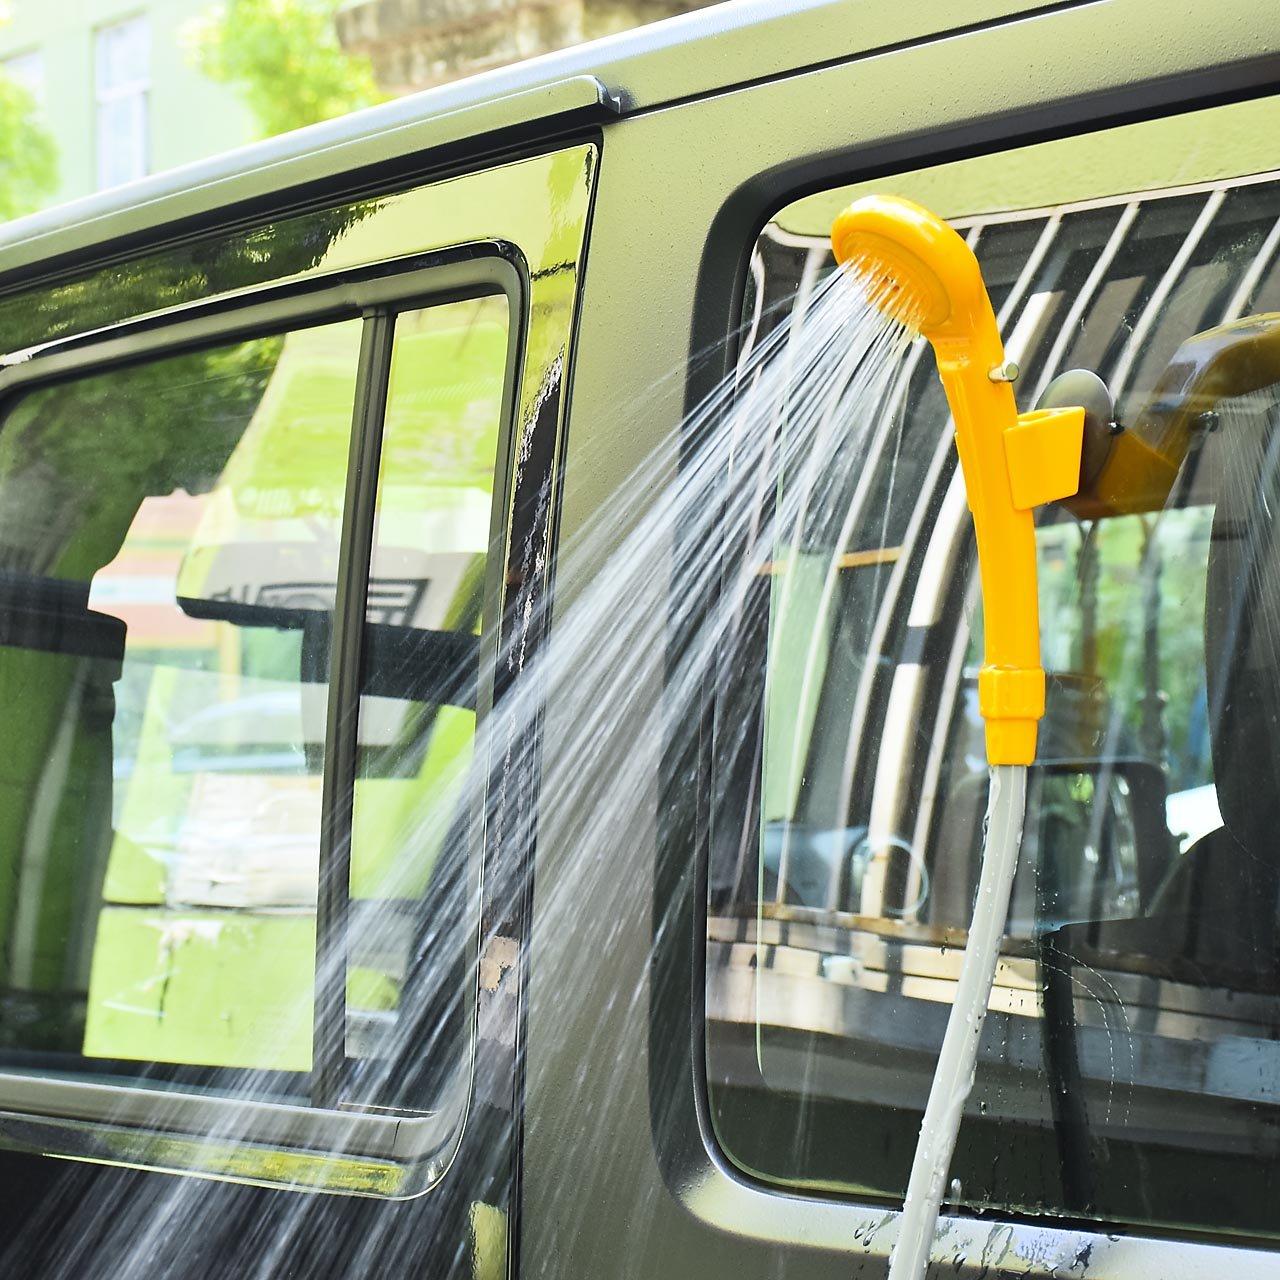 DEDC Outdoor Doccia Portatile da Campeggio 12V Portable Auto Doccia Elettrica con Tubo Flessibile Arancia